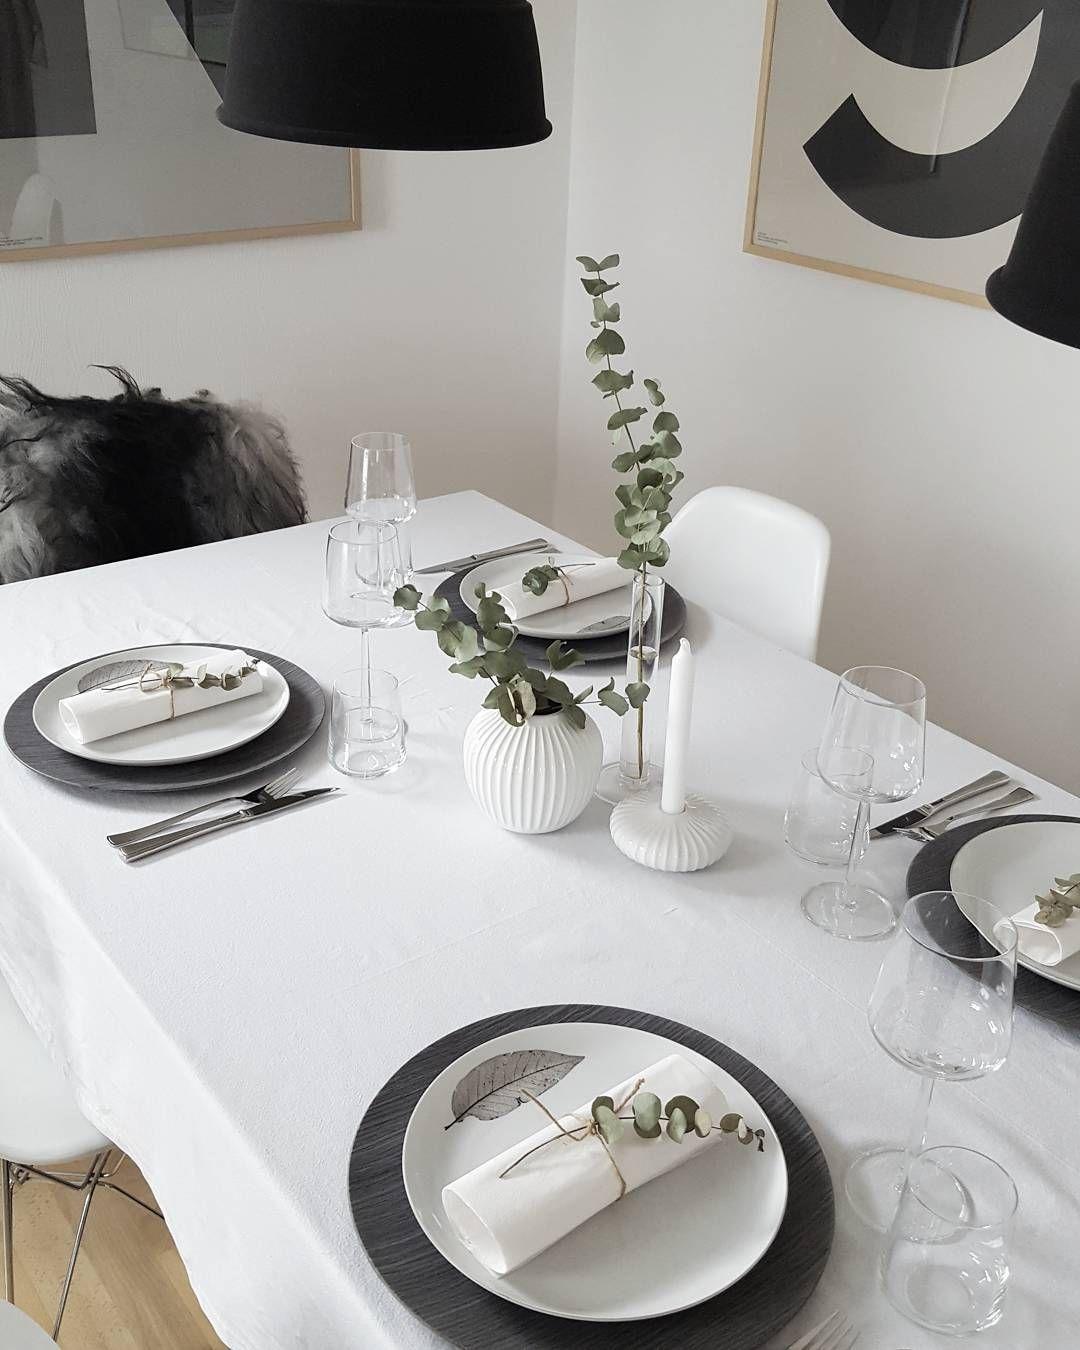 Jeg er ingen gourmet kokk, men når reinsdyret er av prima kvalitet kan det ikke gå så galt. Fantastisk mørt kjøtt!  Og når gjestene er fornøyd og all maten ble spist opp, ja da er kokken fornøyd   _______________________ #myhome #mitthjem #tablesetting #hus10a #nordiskehjem #mittnordiskehjem #kählerdesign #kamillenorge #itsinterior #onlyinterior #finahem #greneinterior #whiteinterior #nordsjofruen #putti123 #lenevalle #hanne_ #insposecret #inspoformilla #inspohome